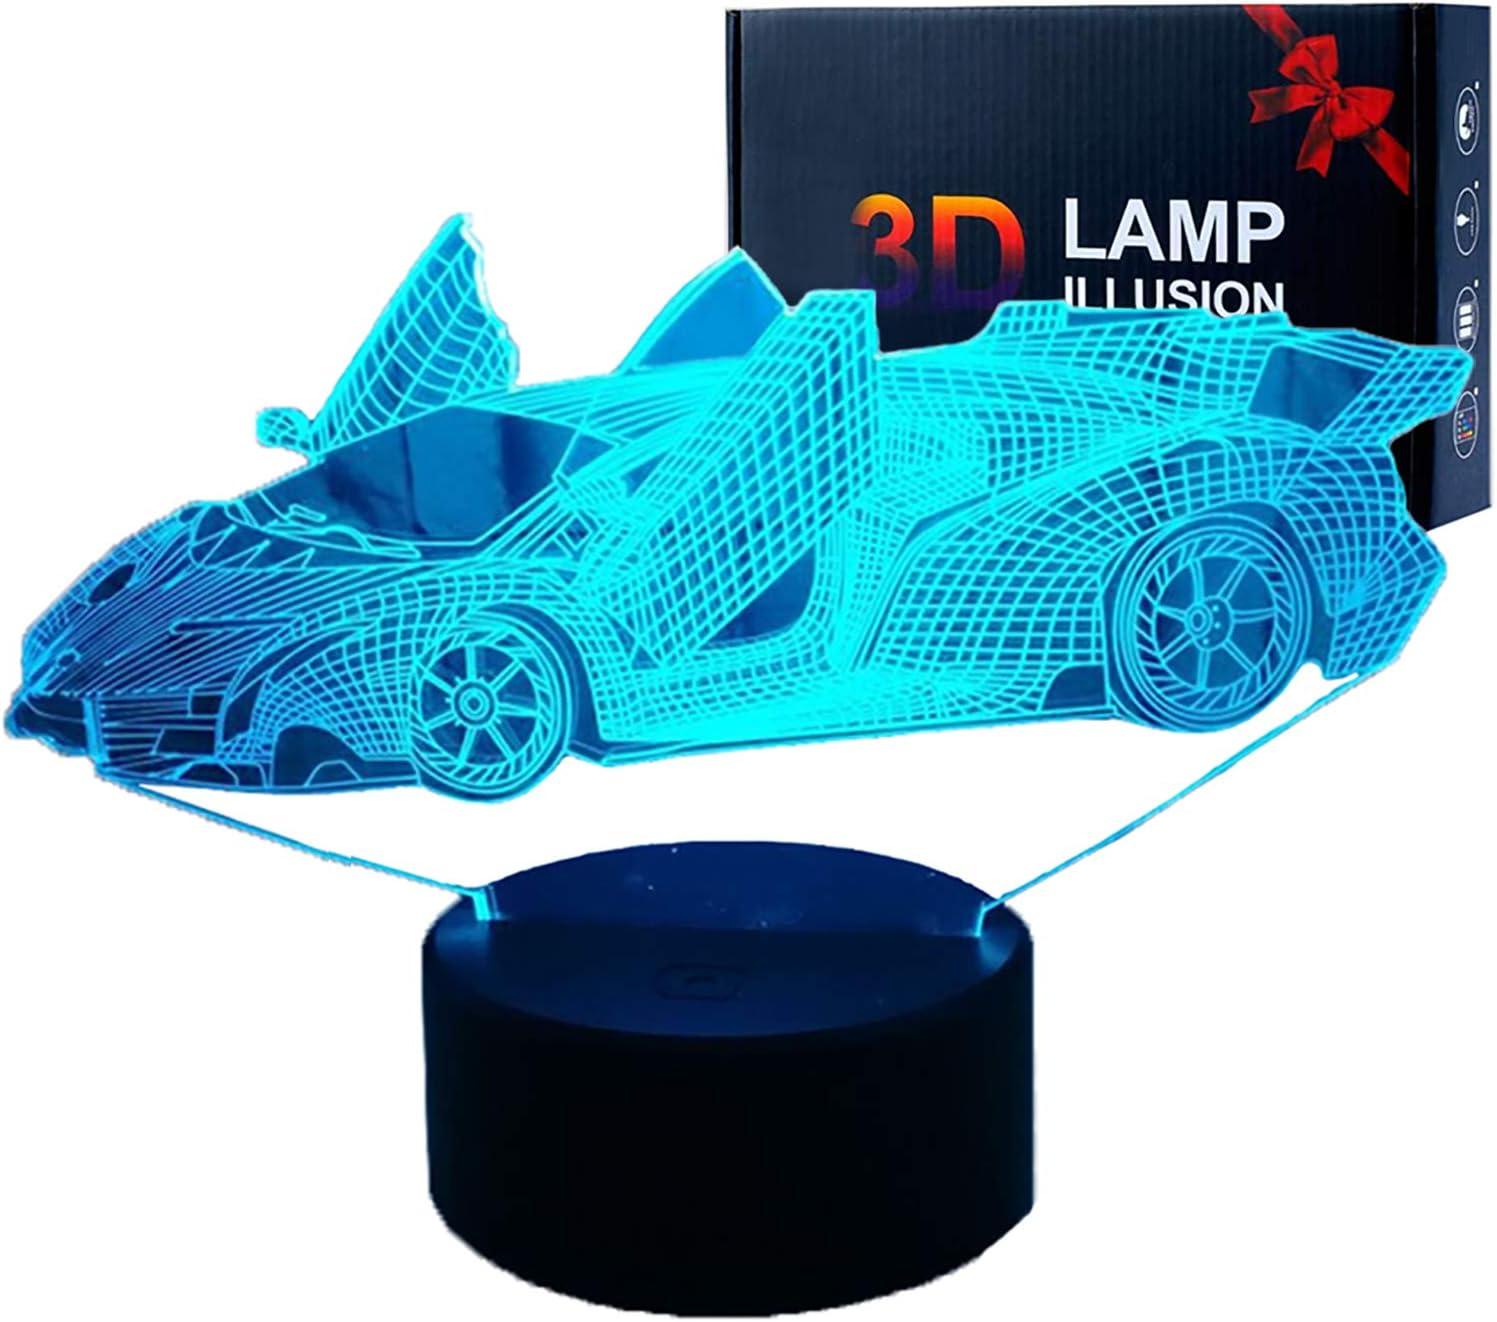 3d Illusions Lampen Led Sport Auto Nachtlicht Usb 16 Farben Sensor Schreibtischlampe Für Kinder Weihnachten Geburtstag Geschenke Heimdekoration Beleuchtung